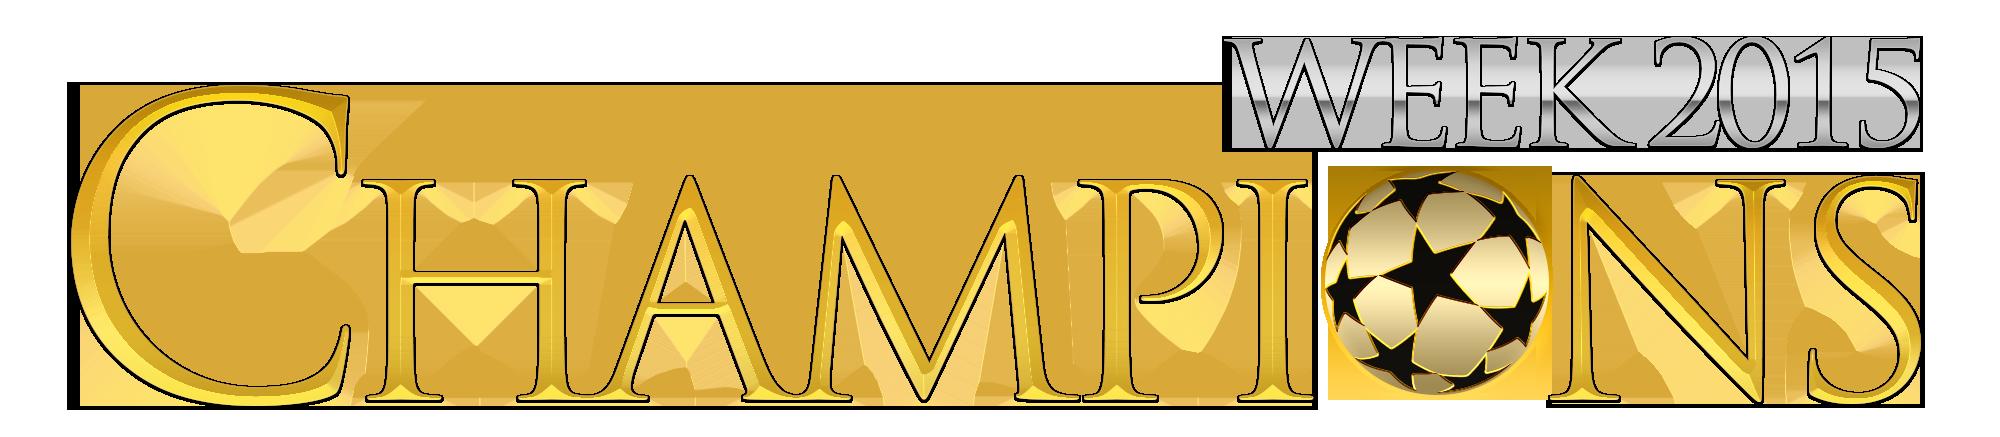 Championsweek2015.com